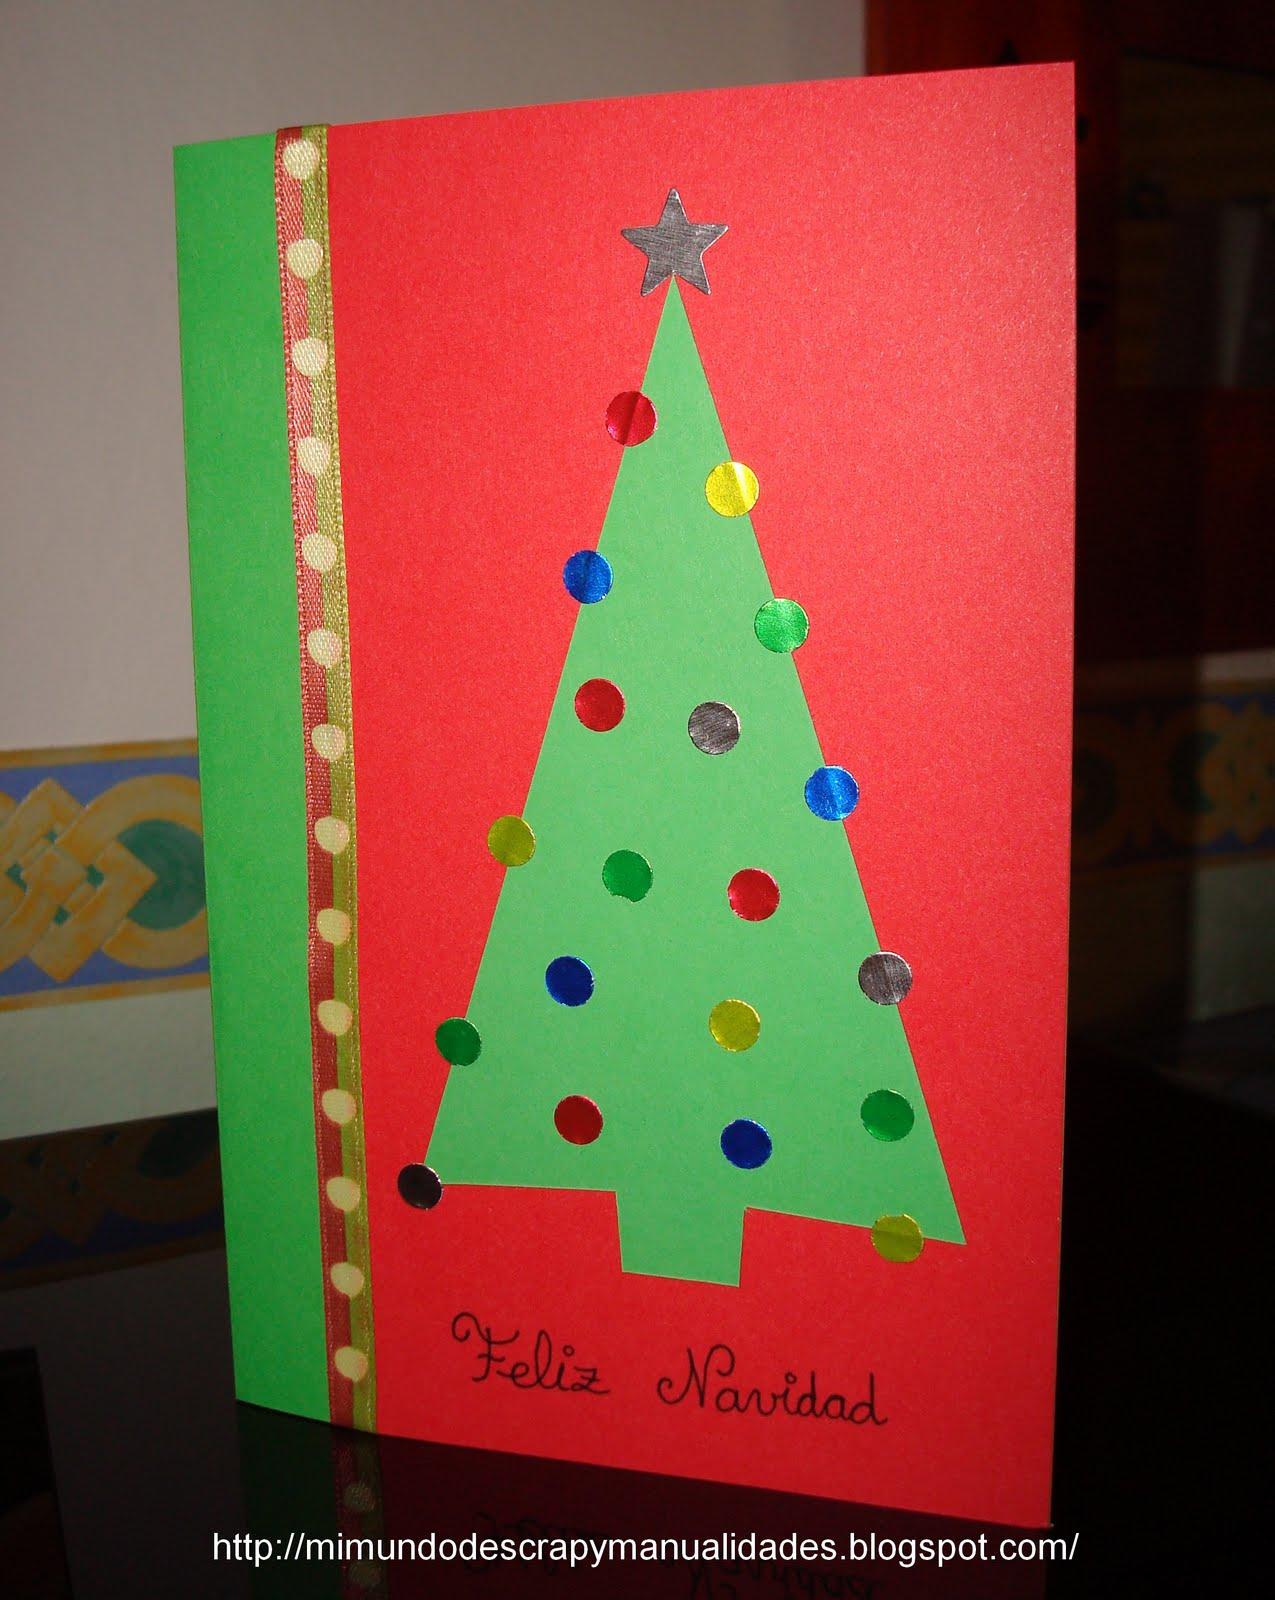 Mi mundo de scrap y manualidades postal de navidad 3 - Tarjetas de navidad faciles ...